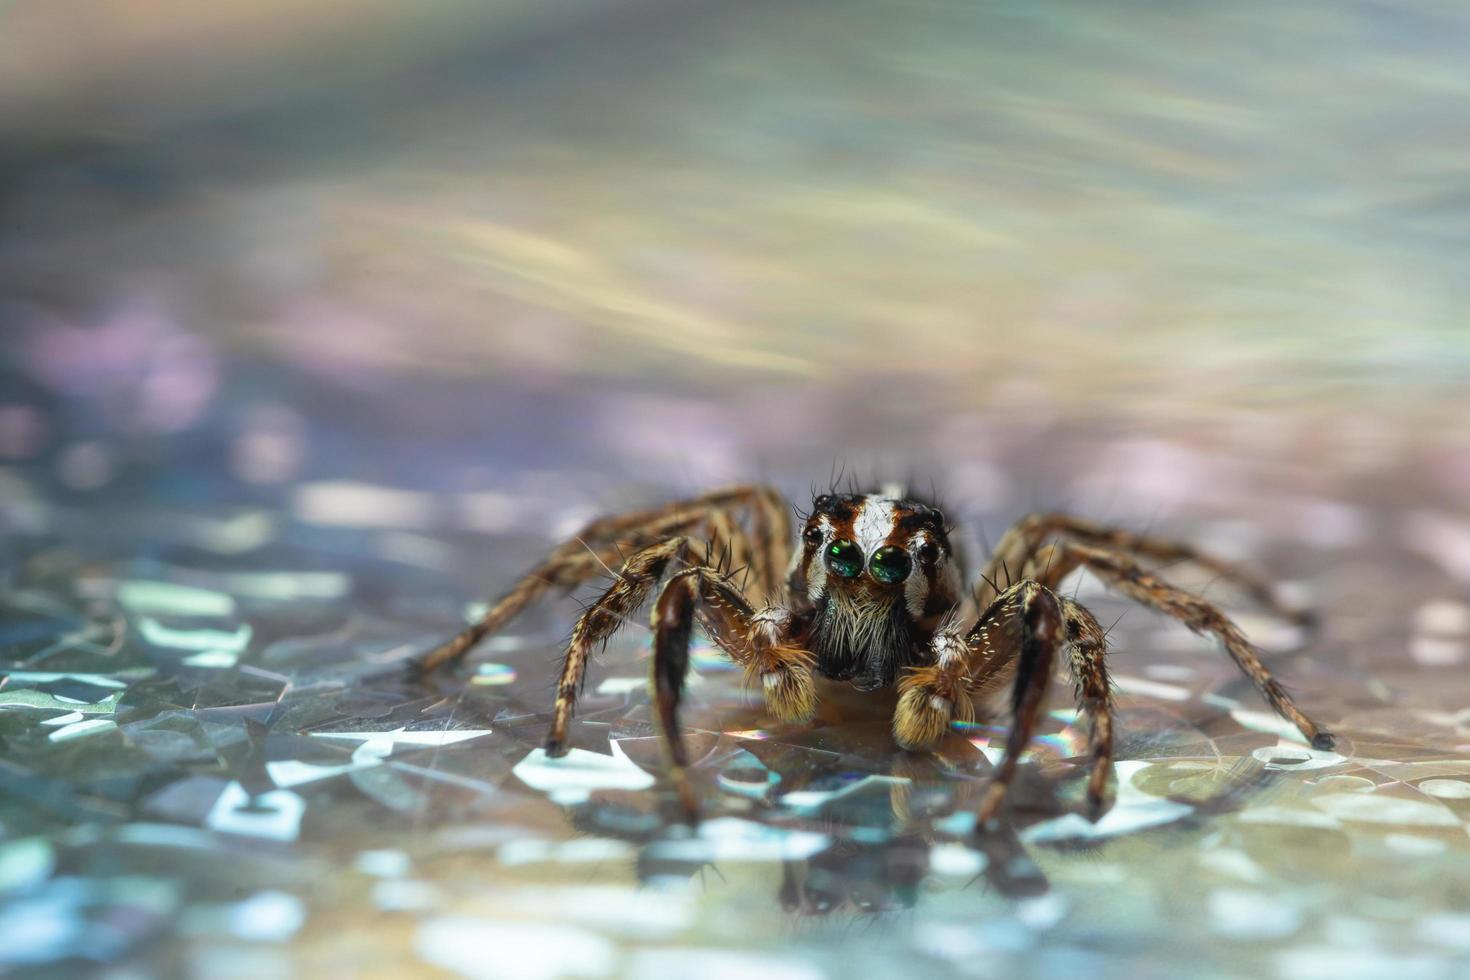 araña sobre una superficie reflectante foto